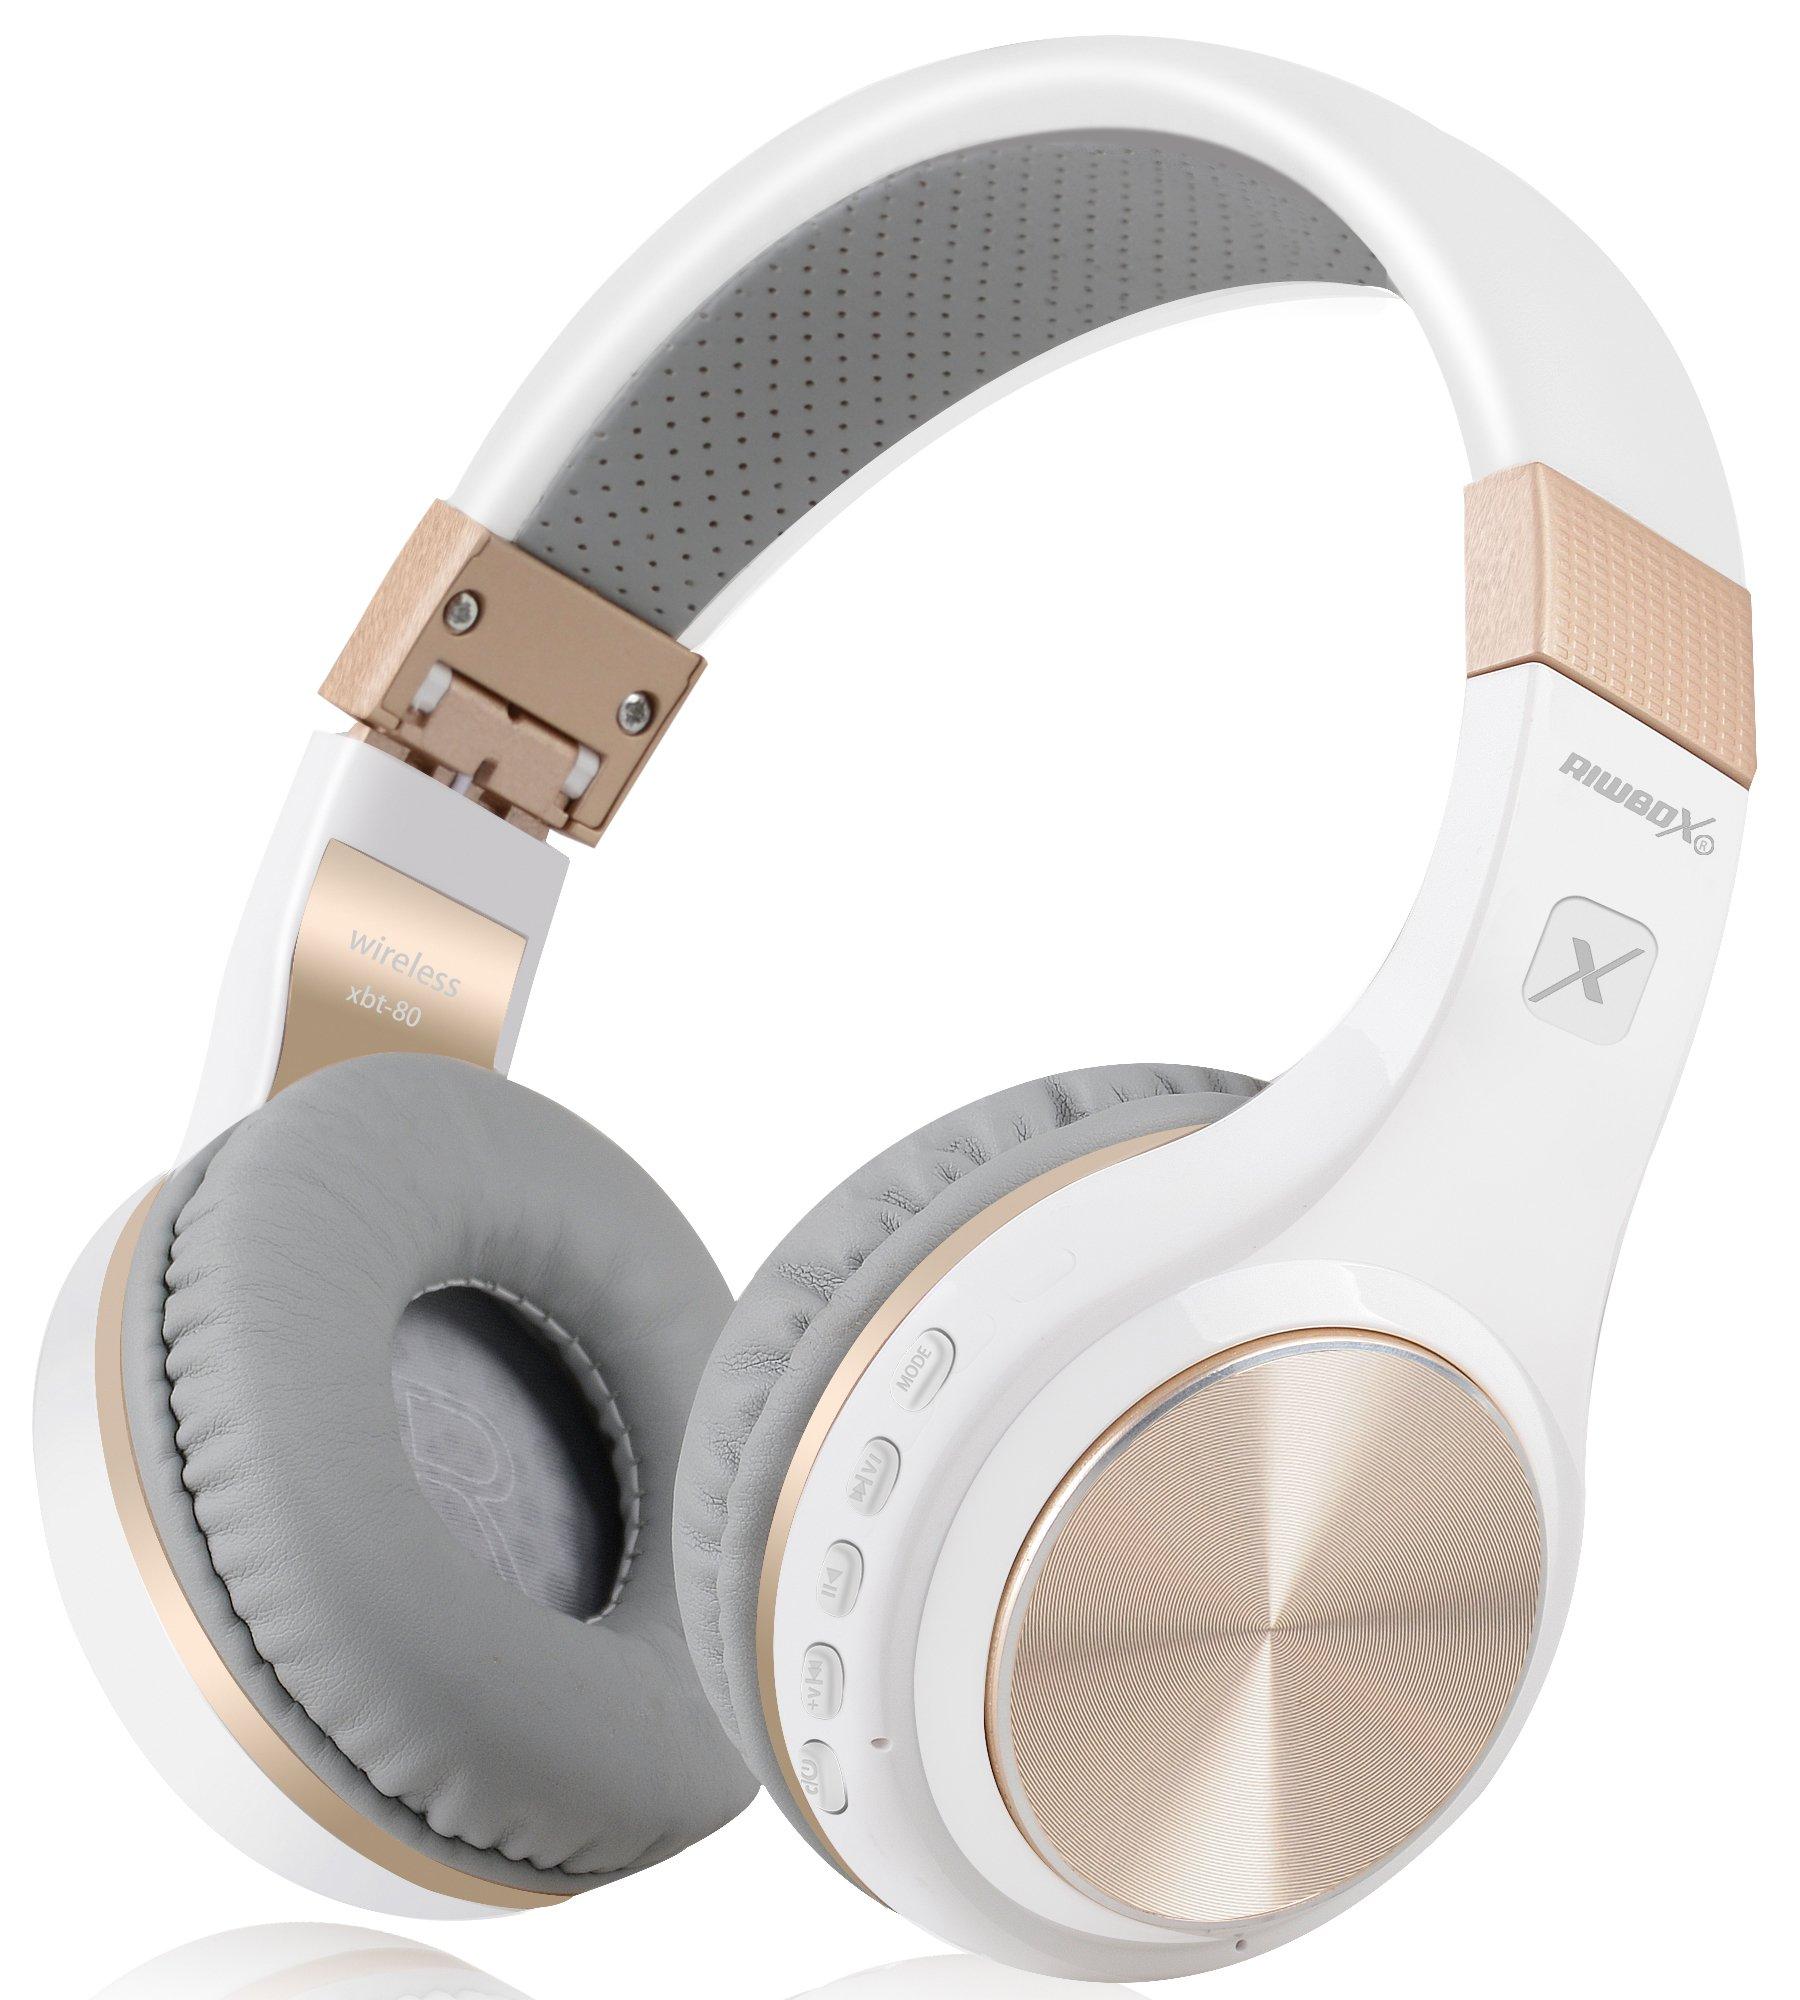 Riwbox XBT-80 sobre la Oreja con micrófono, Auriculares inalámbricos y con Cable para PC/teléfonos celulares/TV/iPad (Oro Blanco): Amazon.es: Electrónica